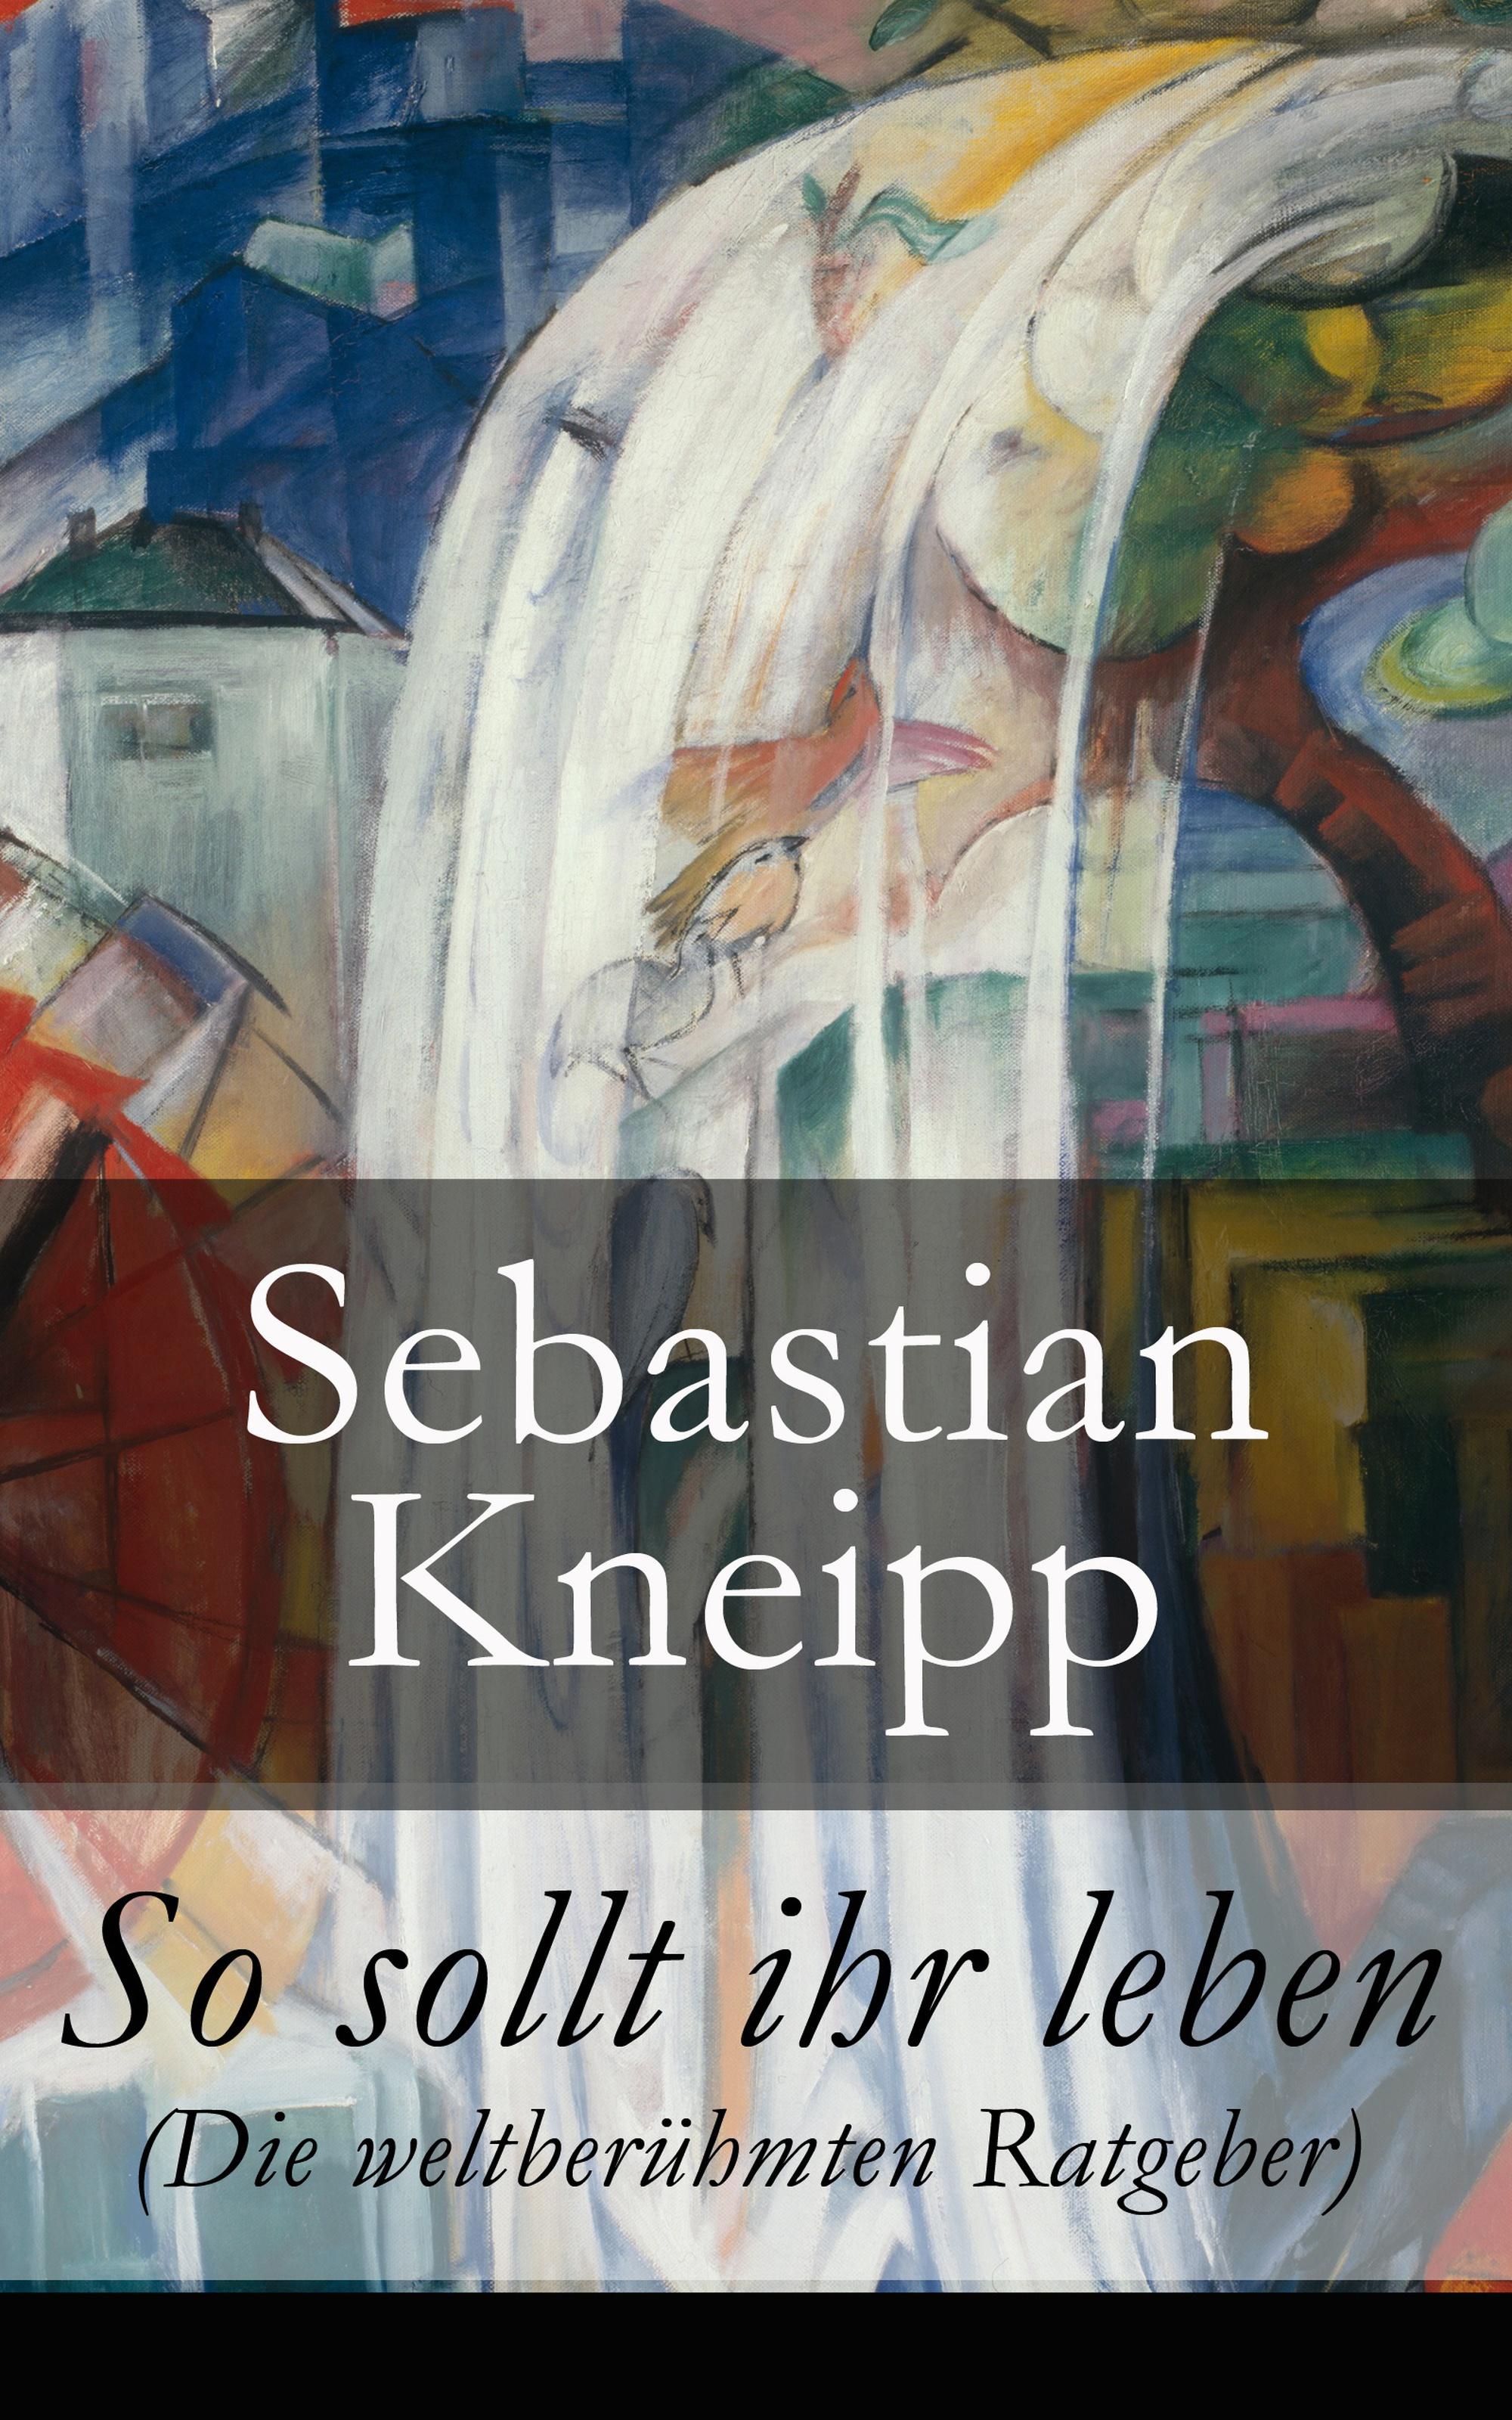 цена на Sebastian Kneipp So sollt ihr leben (Die weltberühmten Ratgeber)